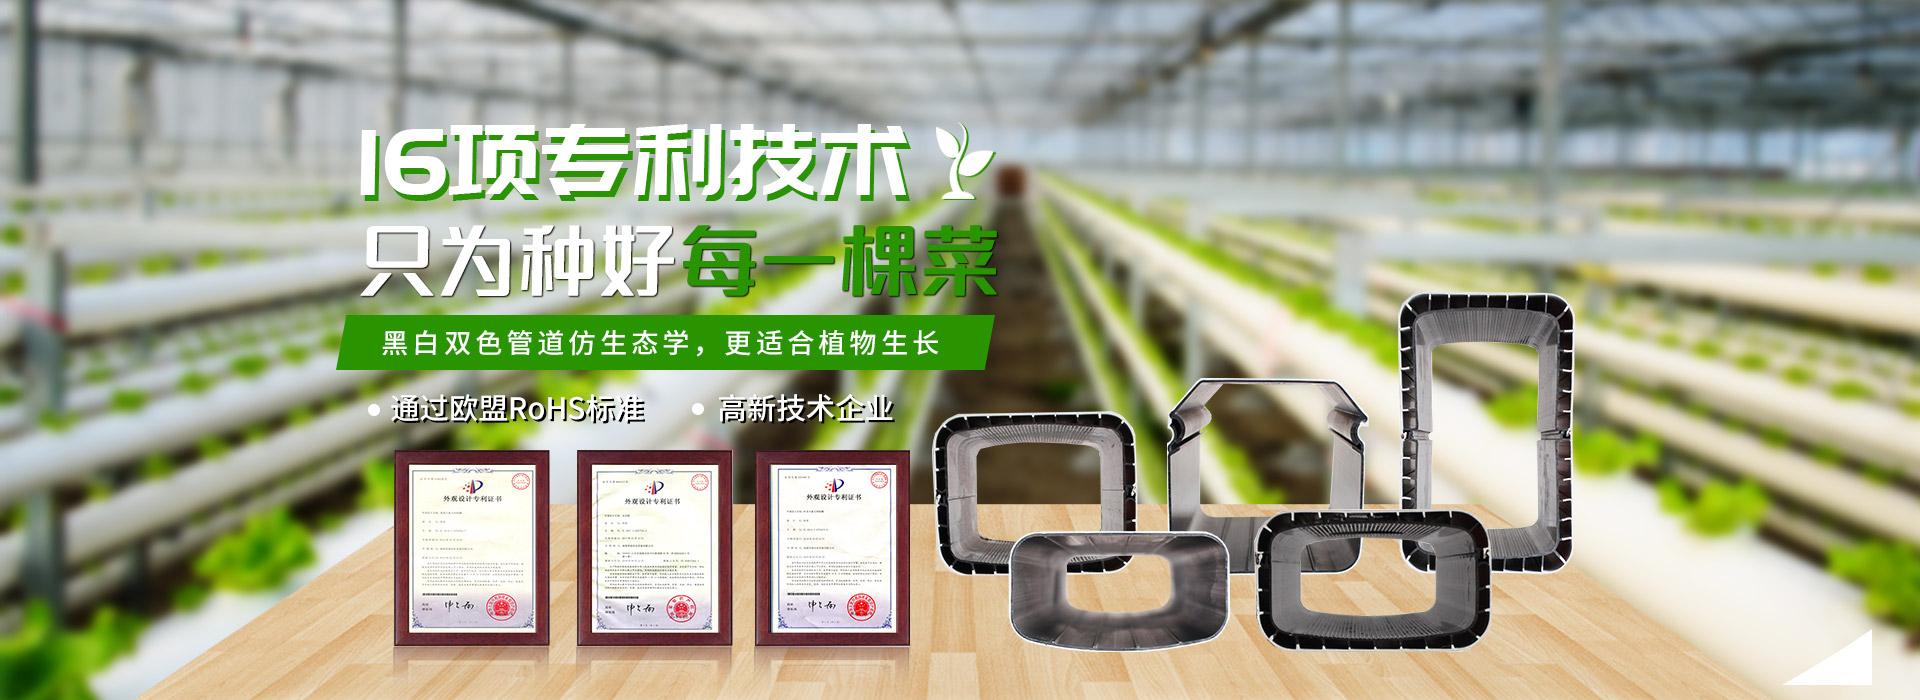 荣诚农业-16项水培技术专利